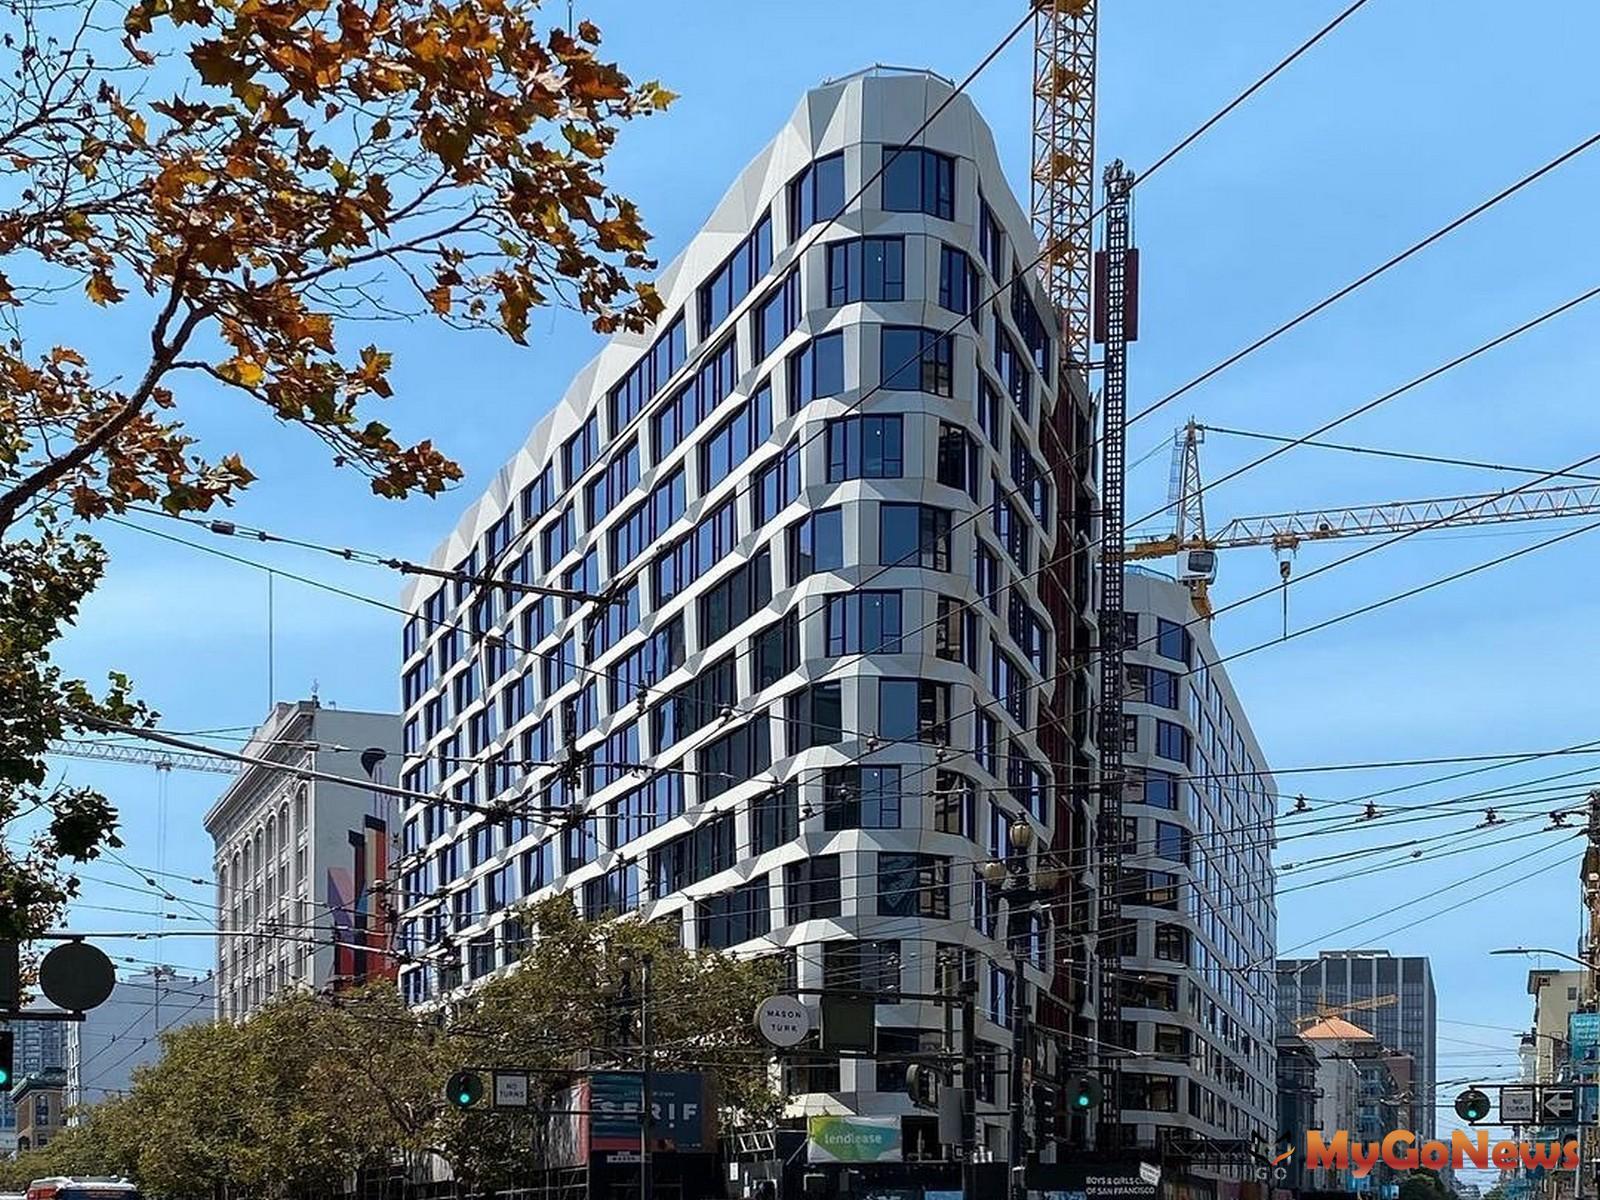 大陸建設首次跨足美國,搶佔舊金山Market Street與Turk Street交匯心臟地段,打造精品飯店宅「尚芮公寓SERIF」。 MyGoNews房地產新聞 熱銷推案